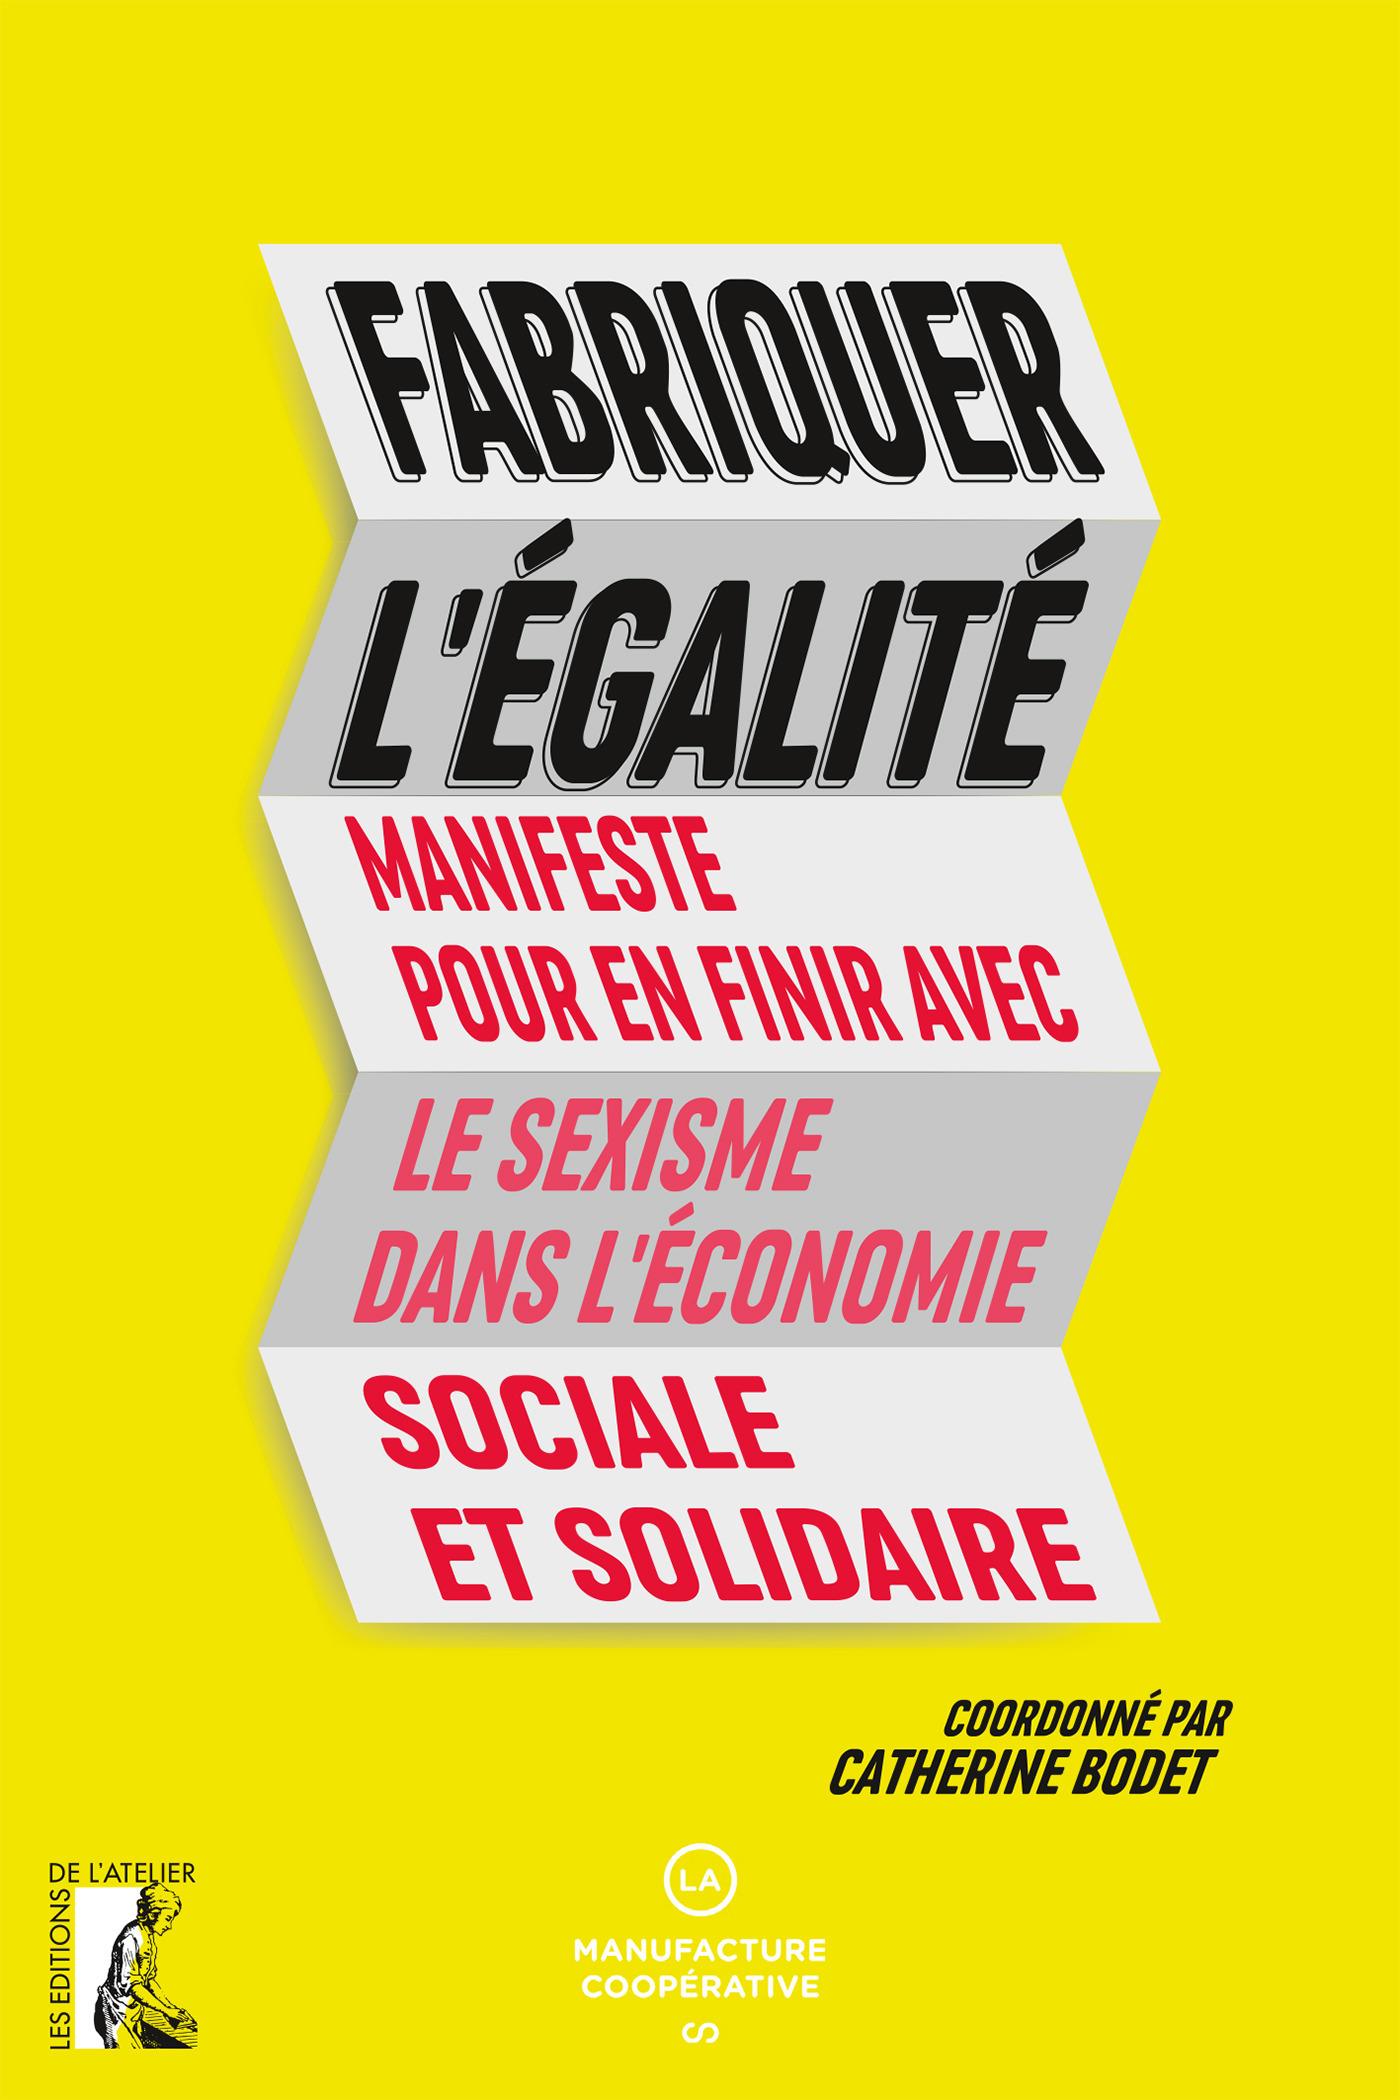 Fabriquer l'égalité ; manifeste pour en finir avec le sexisme dans l'économie sociale et solidaire